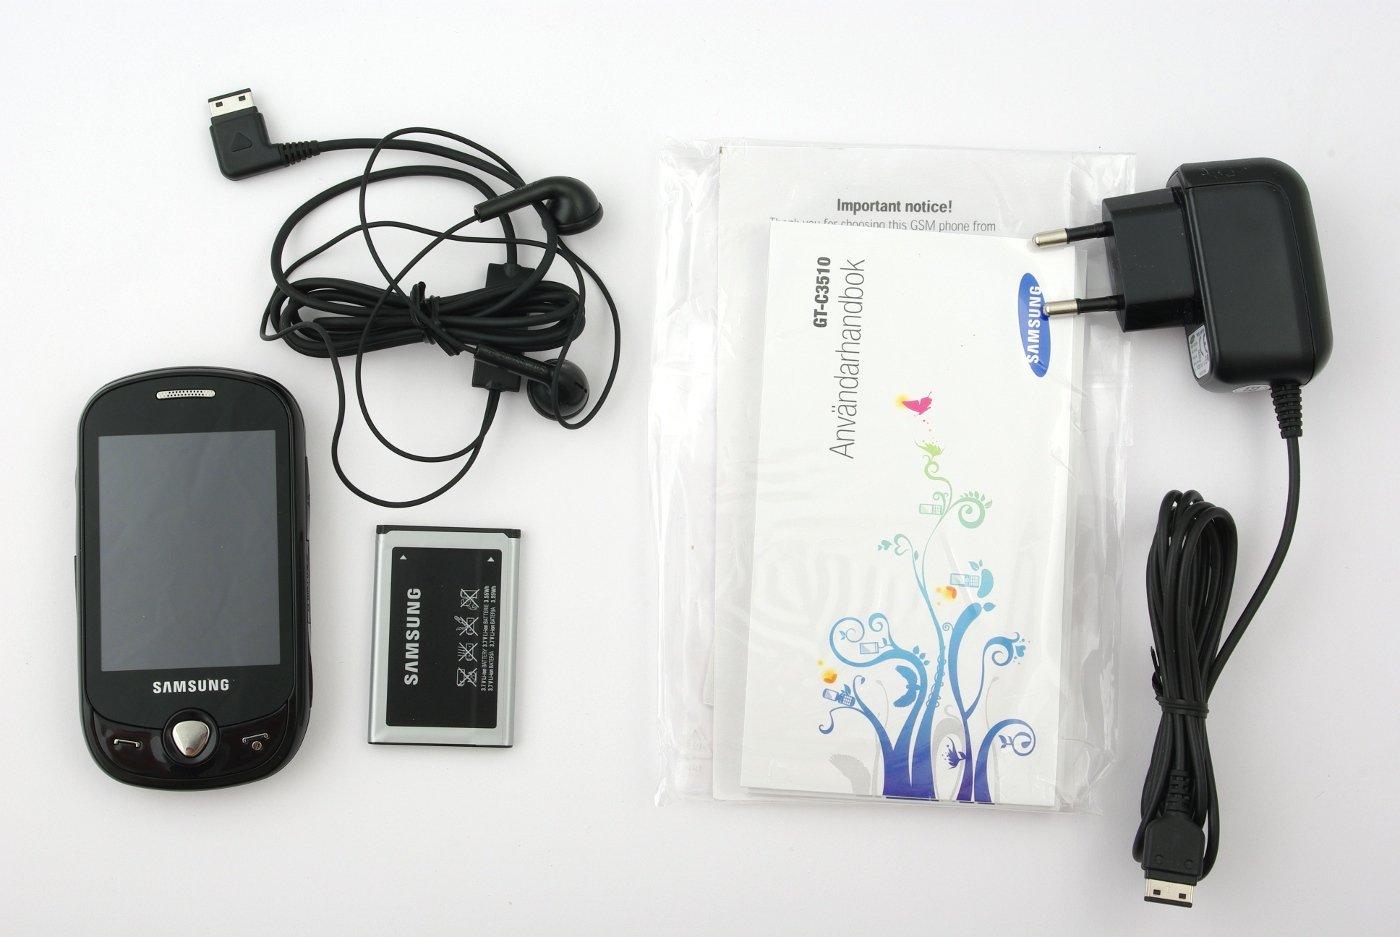 Best pris på Samsung Genoa C3510 Se priser før kjøp i